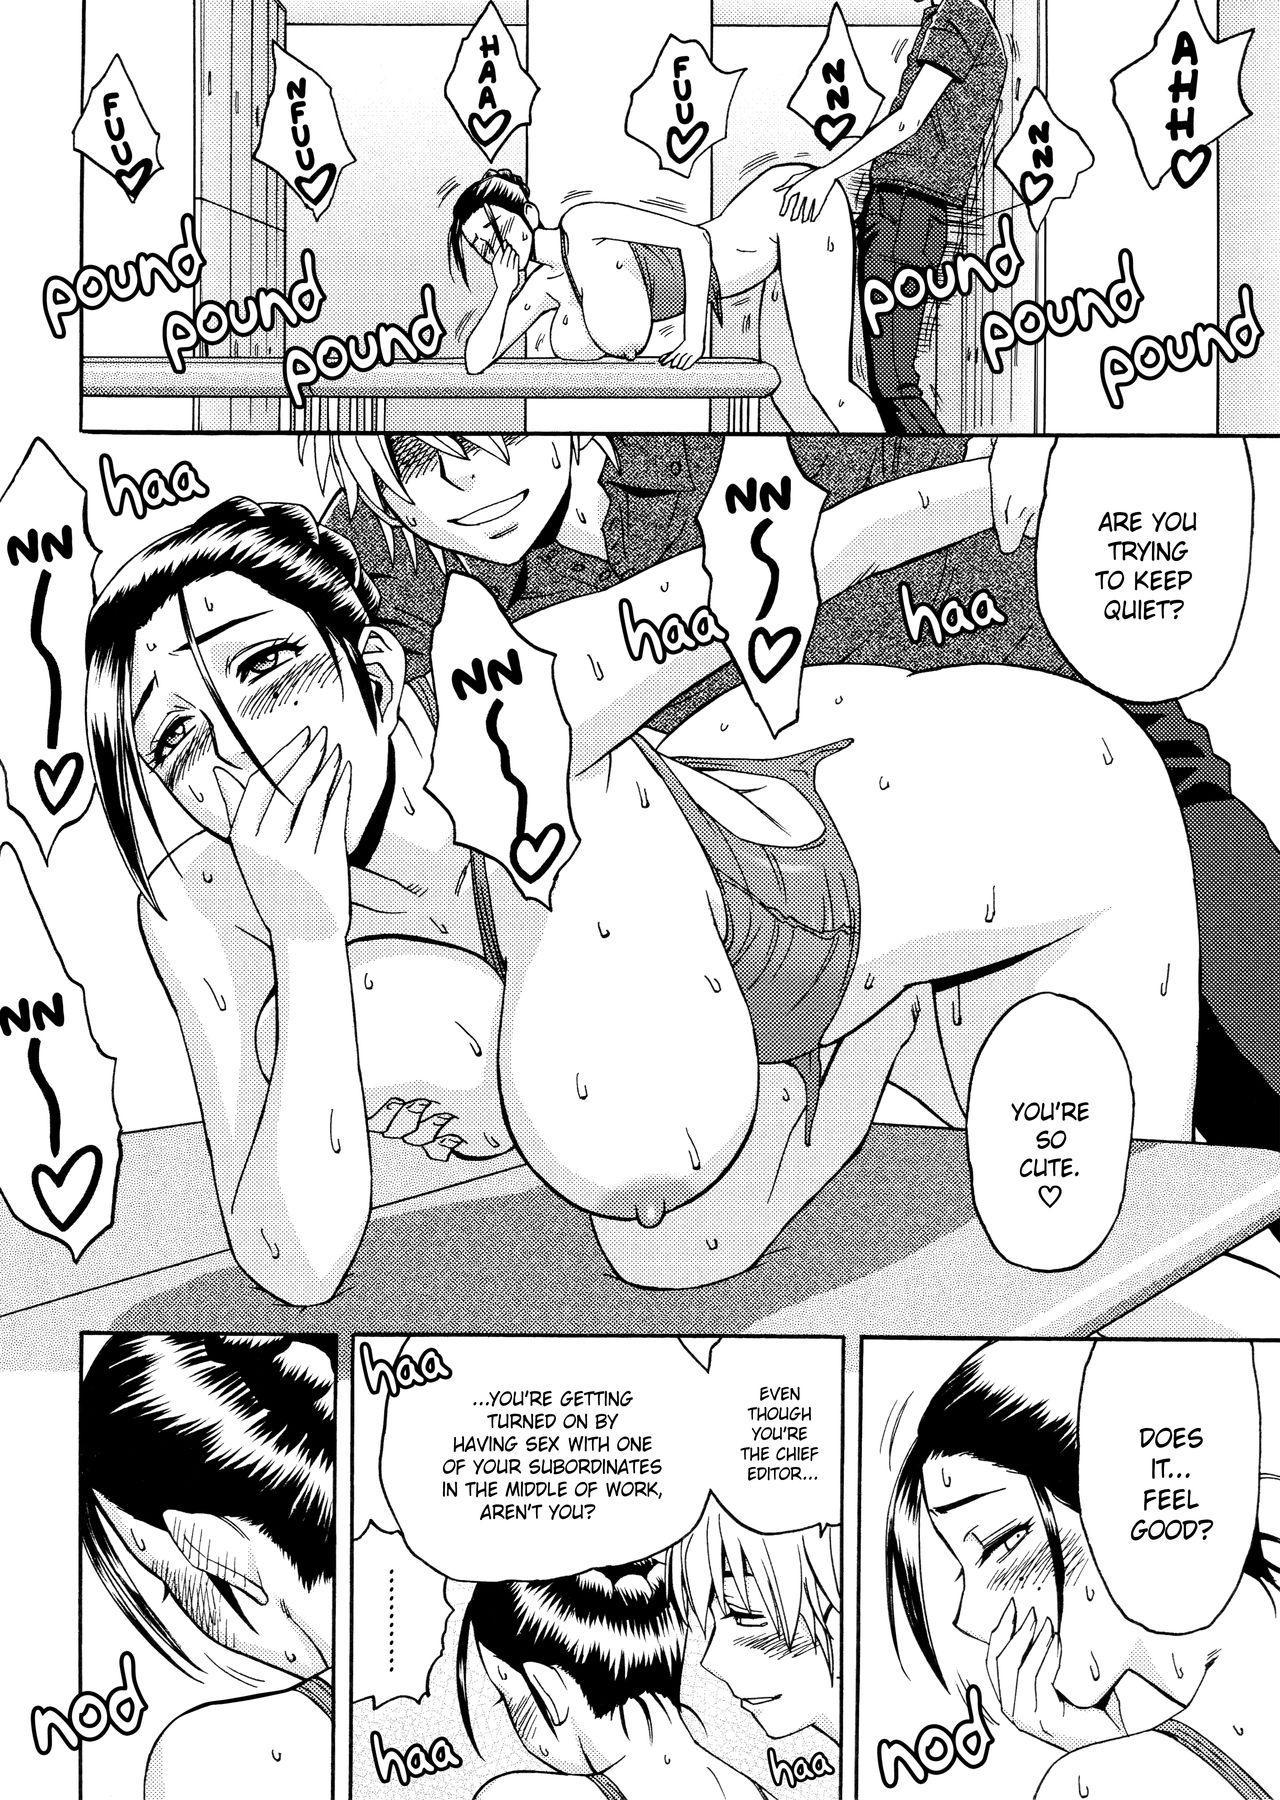 [Tatsunami Youtoku, Yamazaki Masato] Bijin Henshuu-chou no Himitsu | Beautiful Editor-in-Chief's Secret Ch. 1-7 [English] [Forbiddenfetish77, Red Vodka, Crystalium, CEDR777] [Decensored] 39